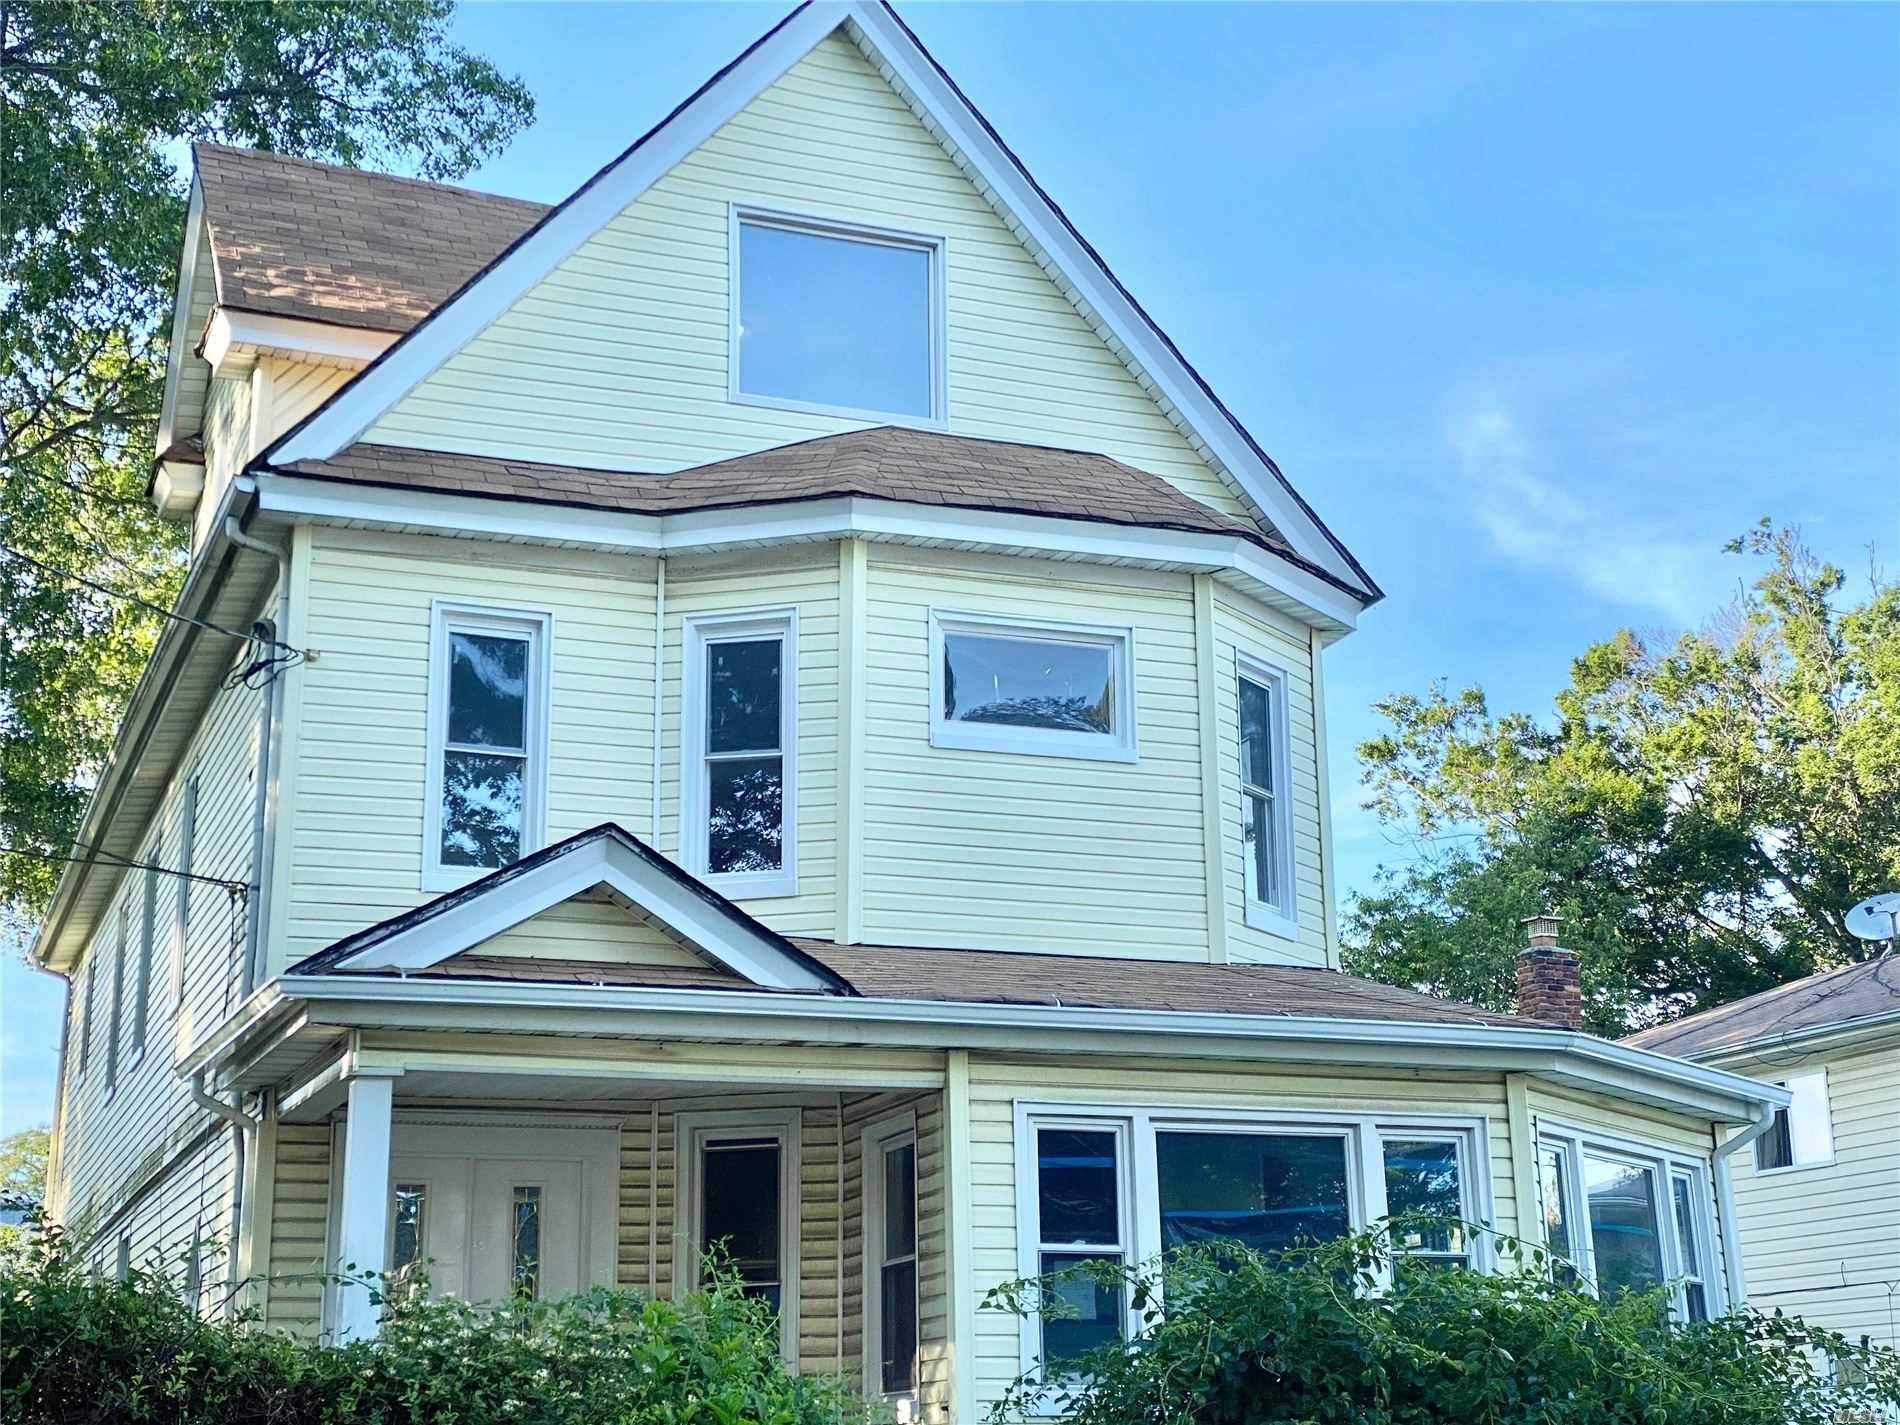 99 Colonial Ave, Freeport, NY 11520 - MLS#: 3229701